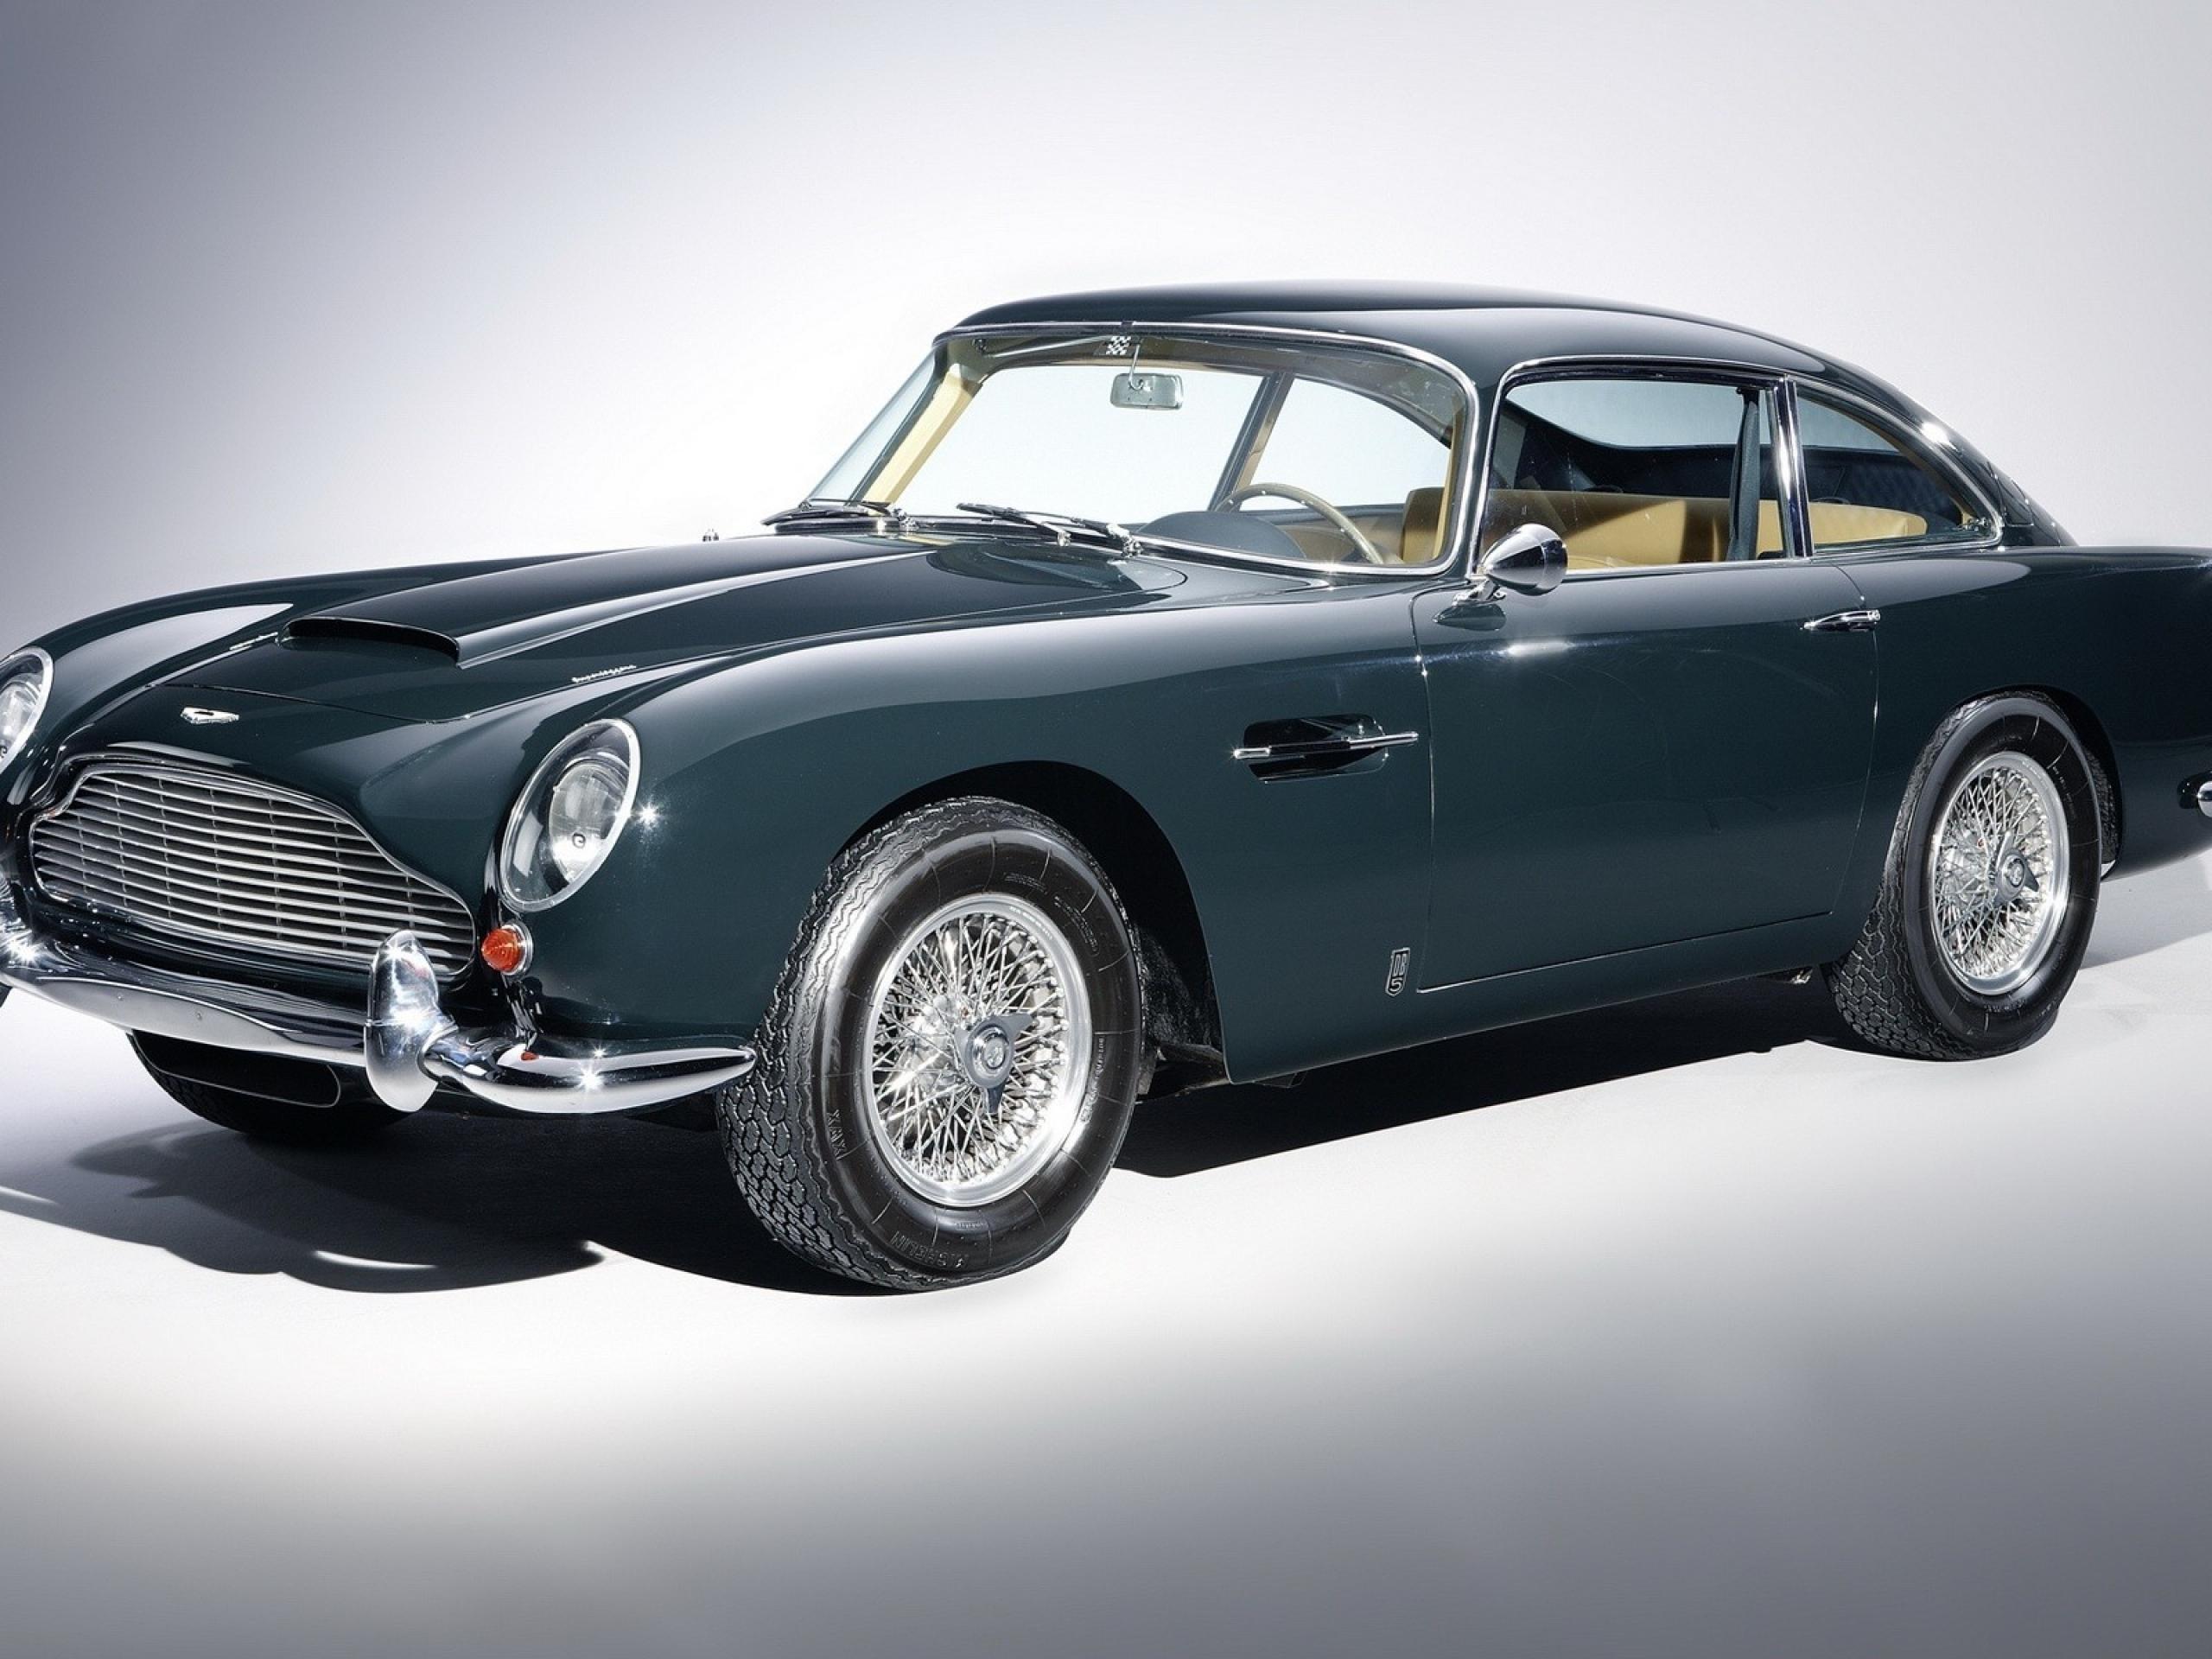 35 Wondrous Aston Martin Db5 Wallpapers Technosamrat